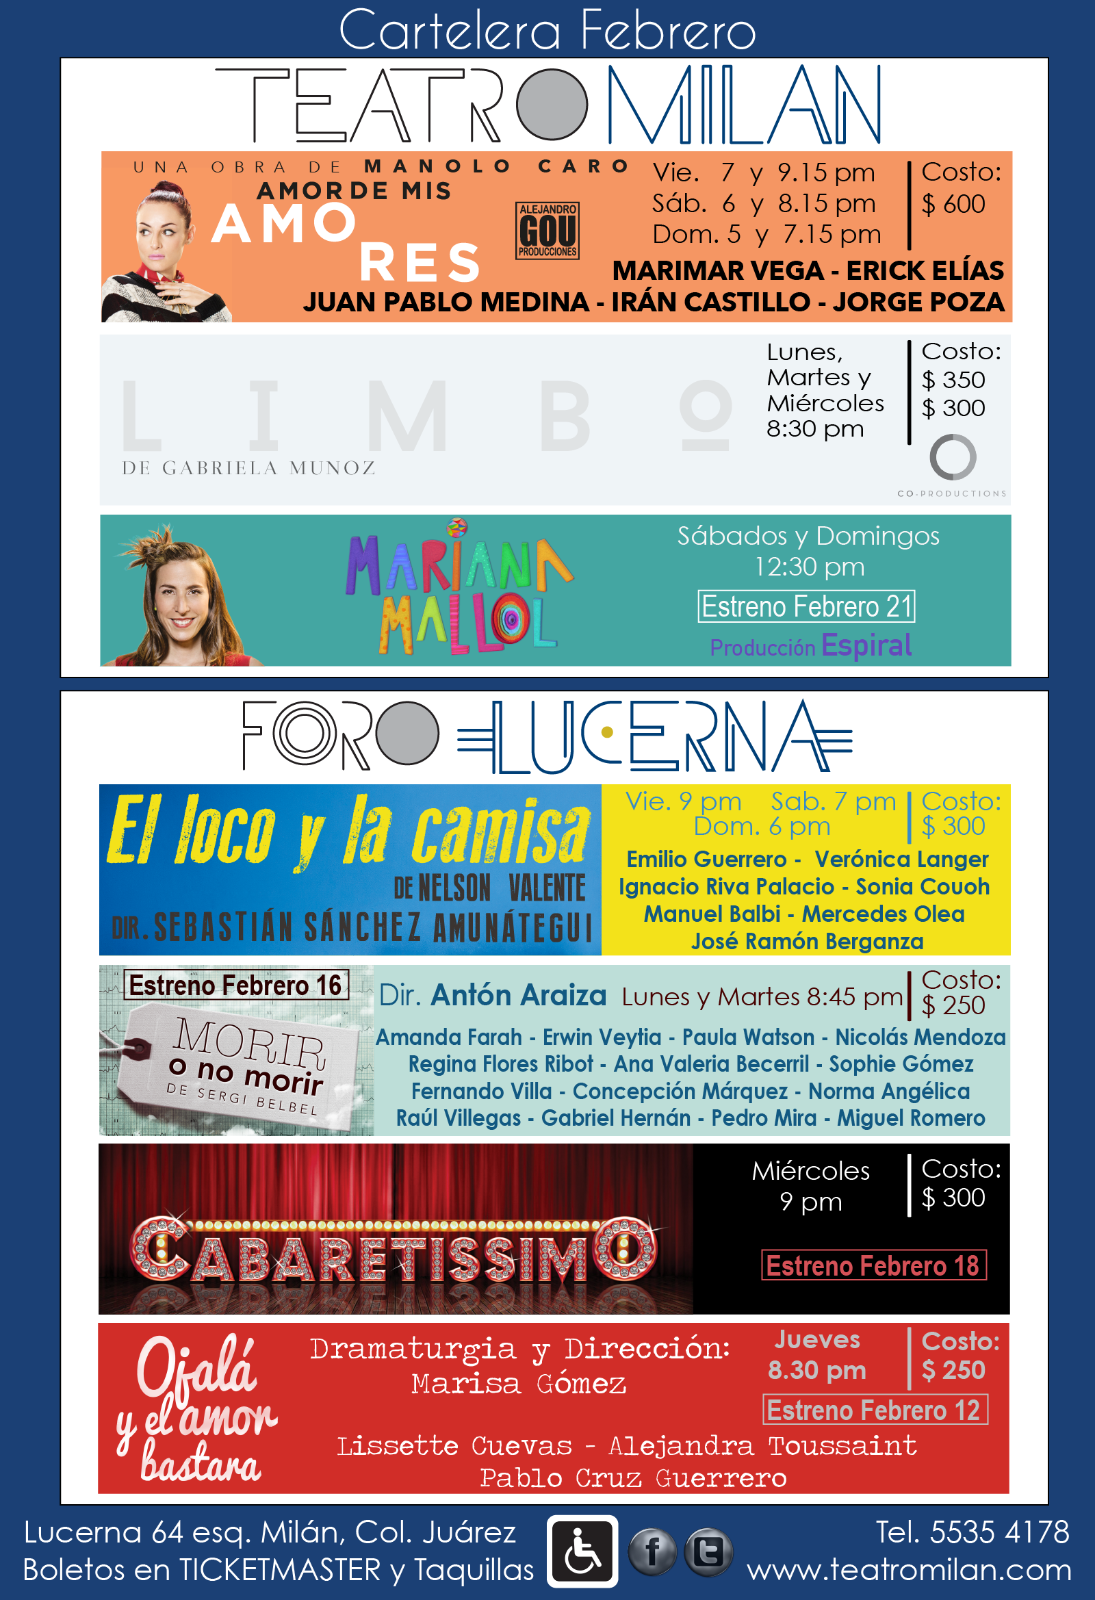 Da click sobre la imagen para ir al sitio web del Teatro Milán y Foro Lucerna